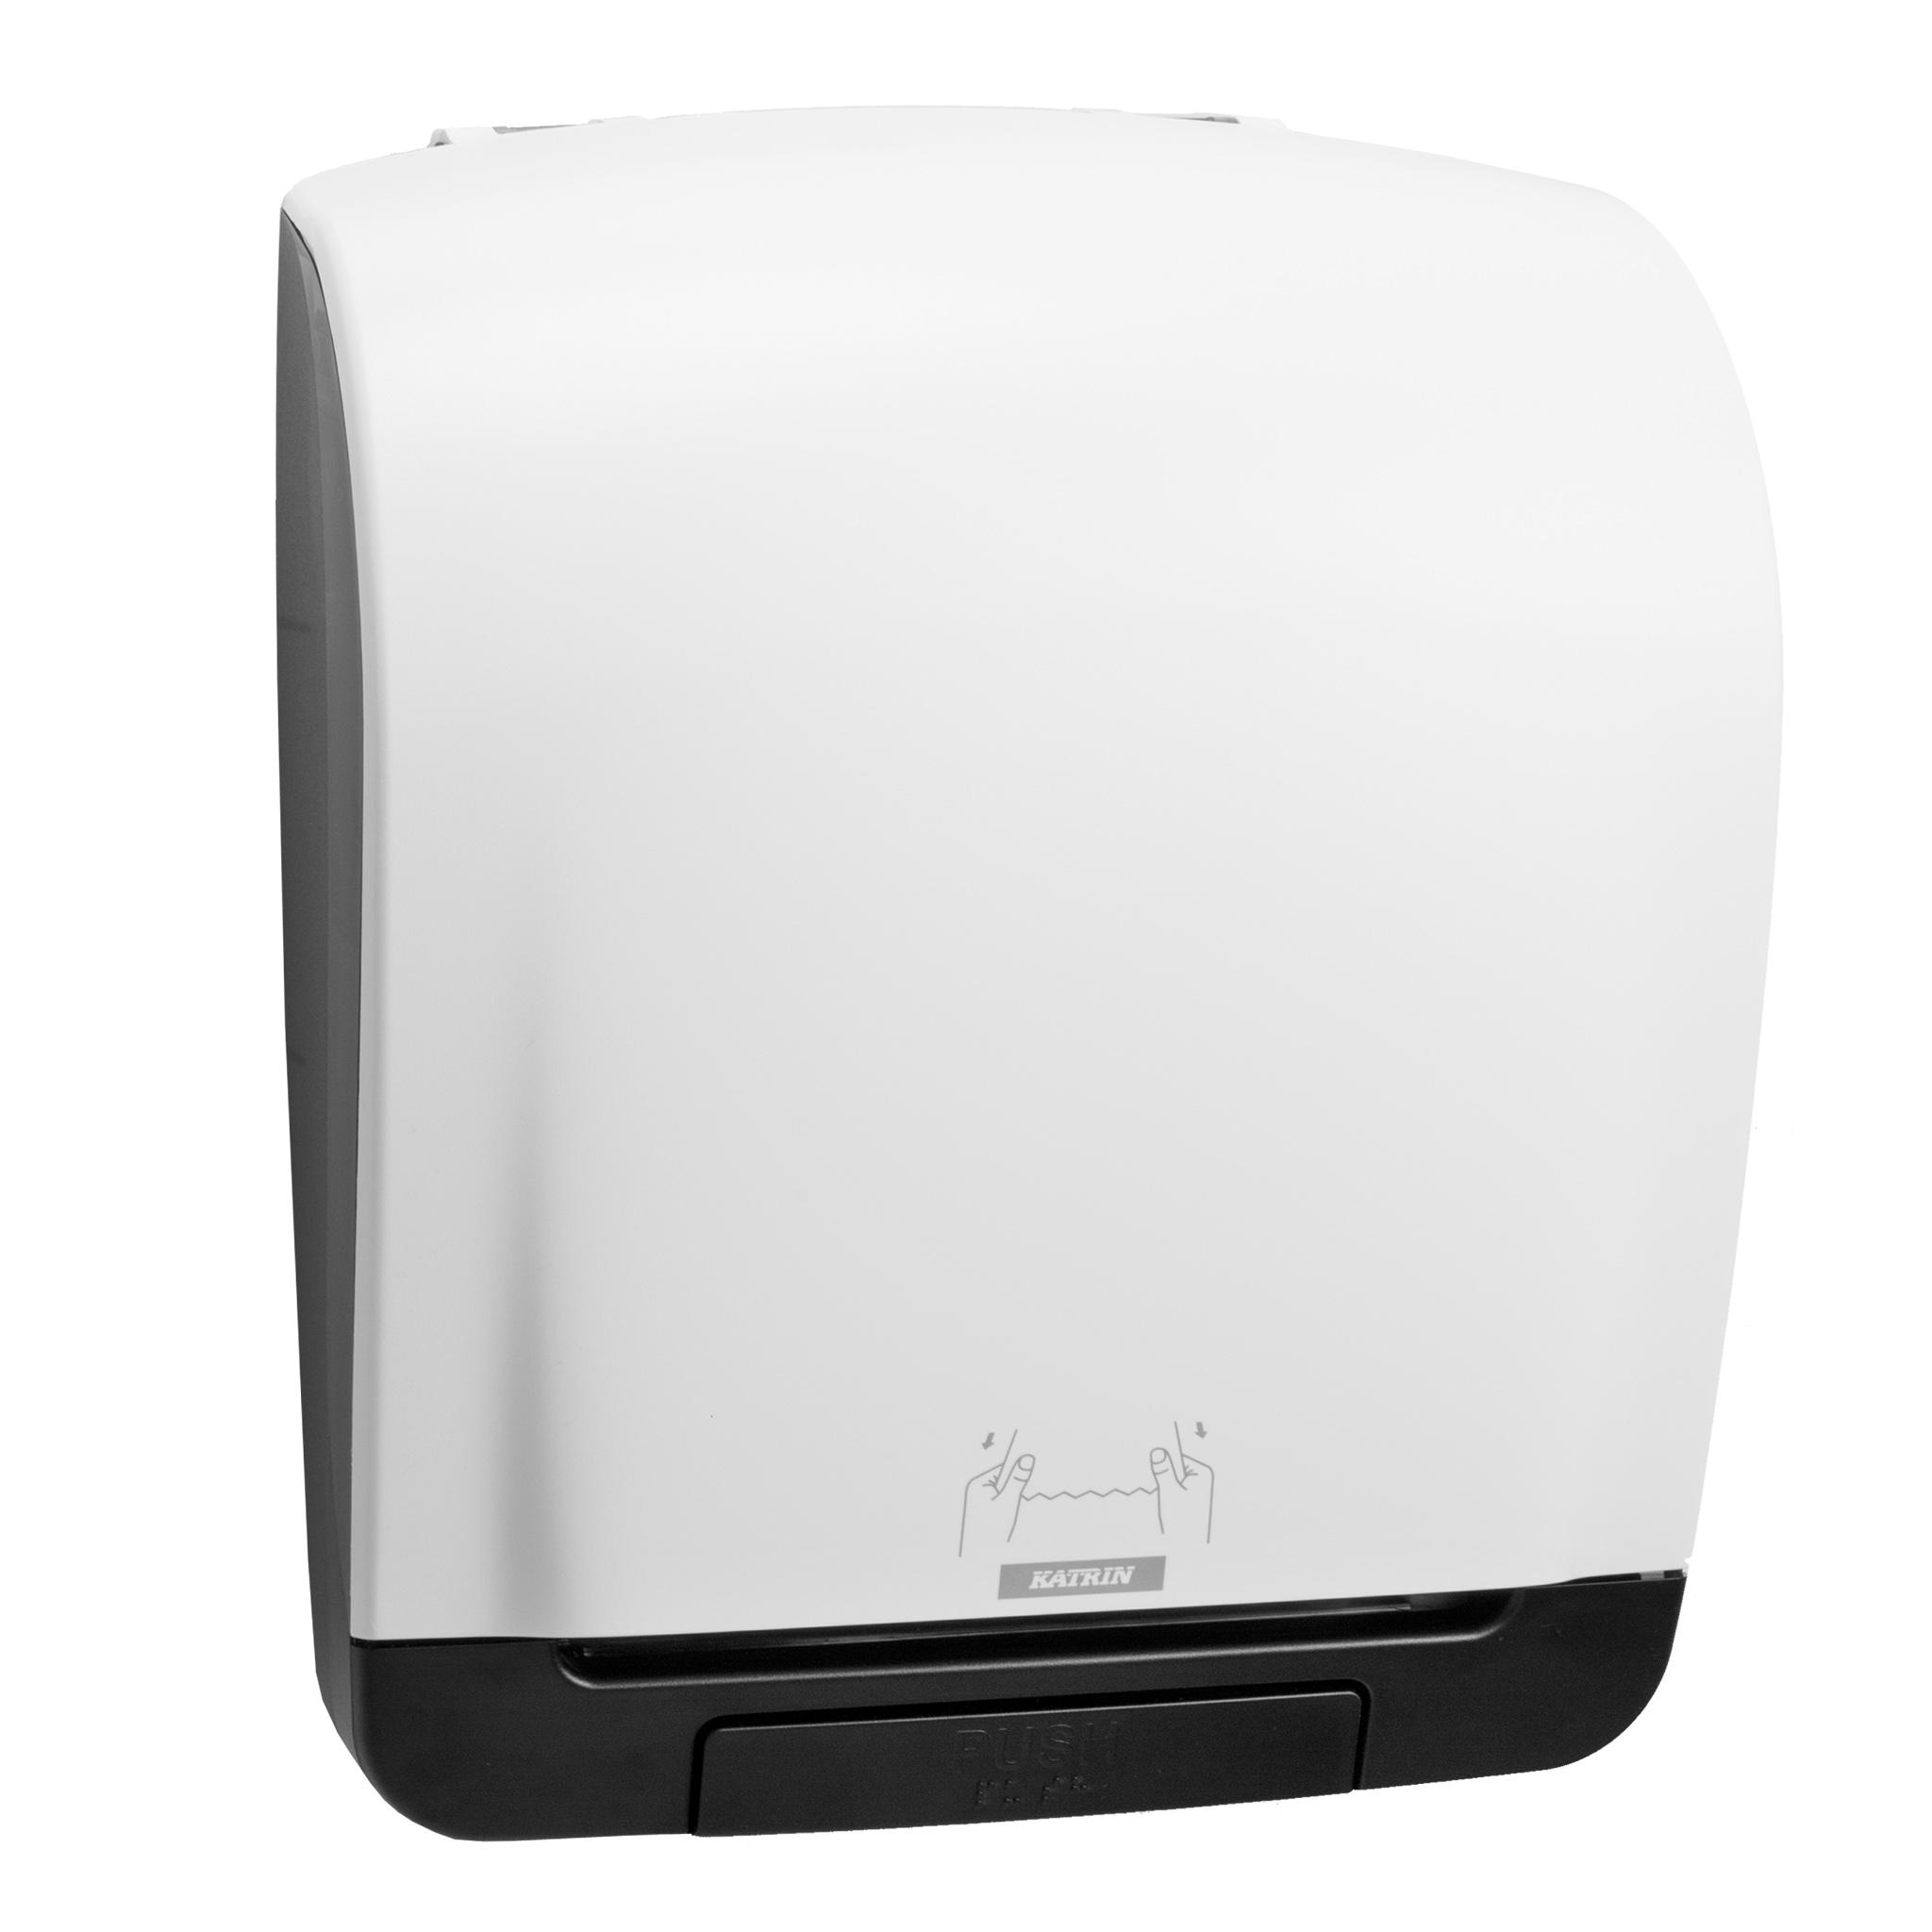 1457534093 90045 katrin system towel dispenser white side Kopie